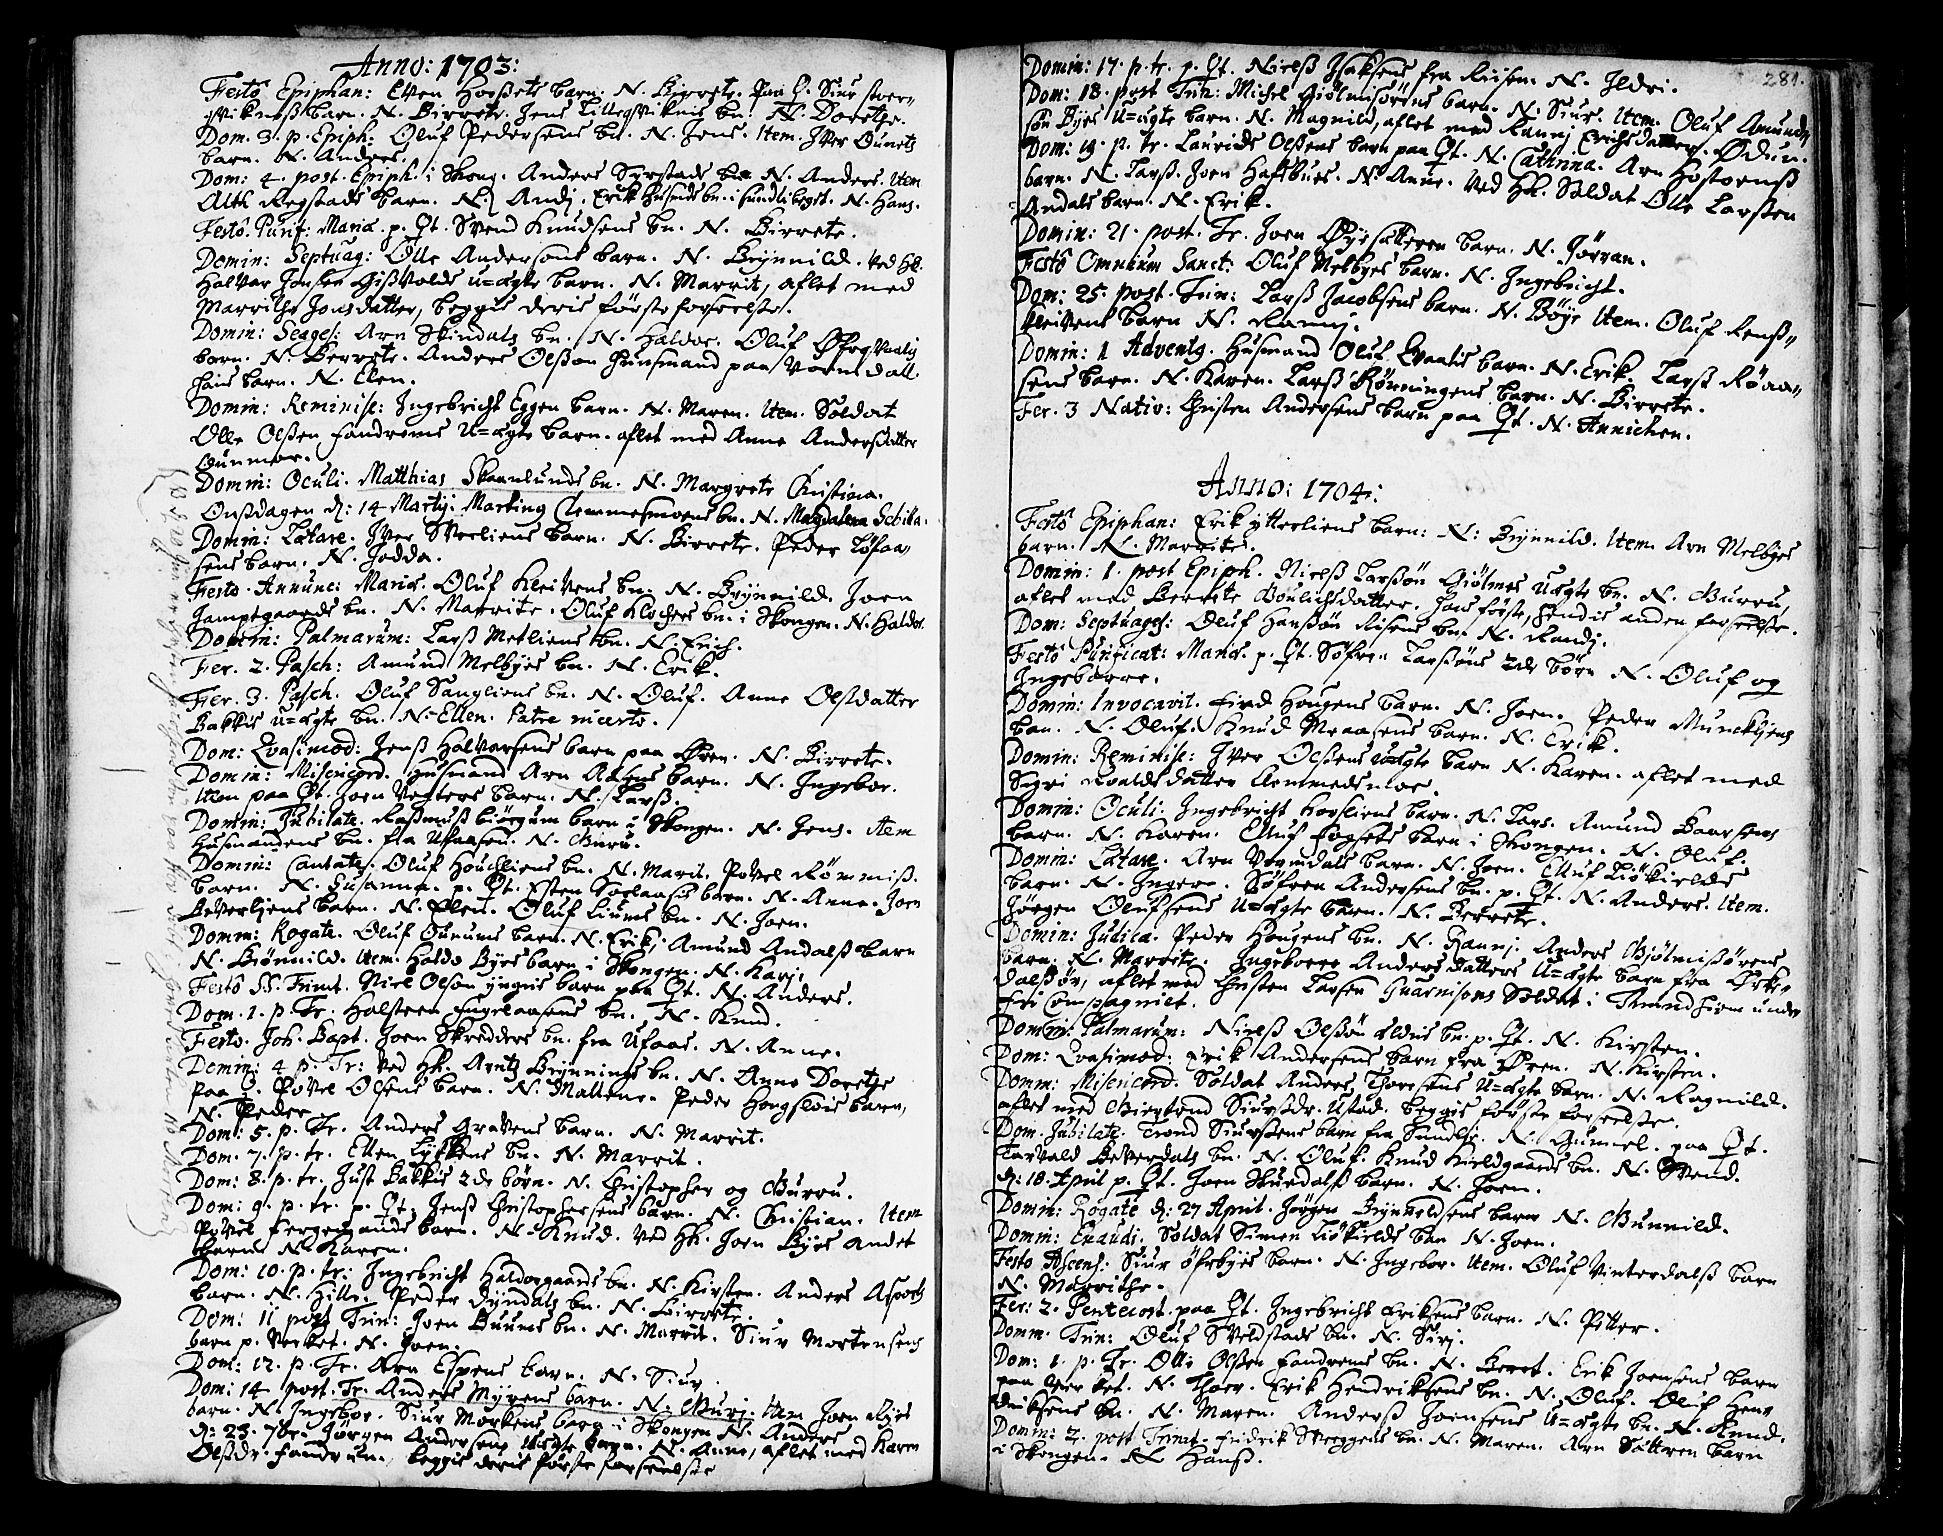 SAT, Ministerialprotokoller, klokkerbøker og fødselsregistre - Sør-Trøndelag, 668/L0801: Ministerialbok nr. 668A01, 1695-1716, s. 280-281